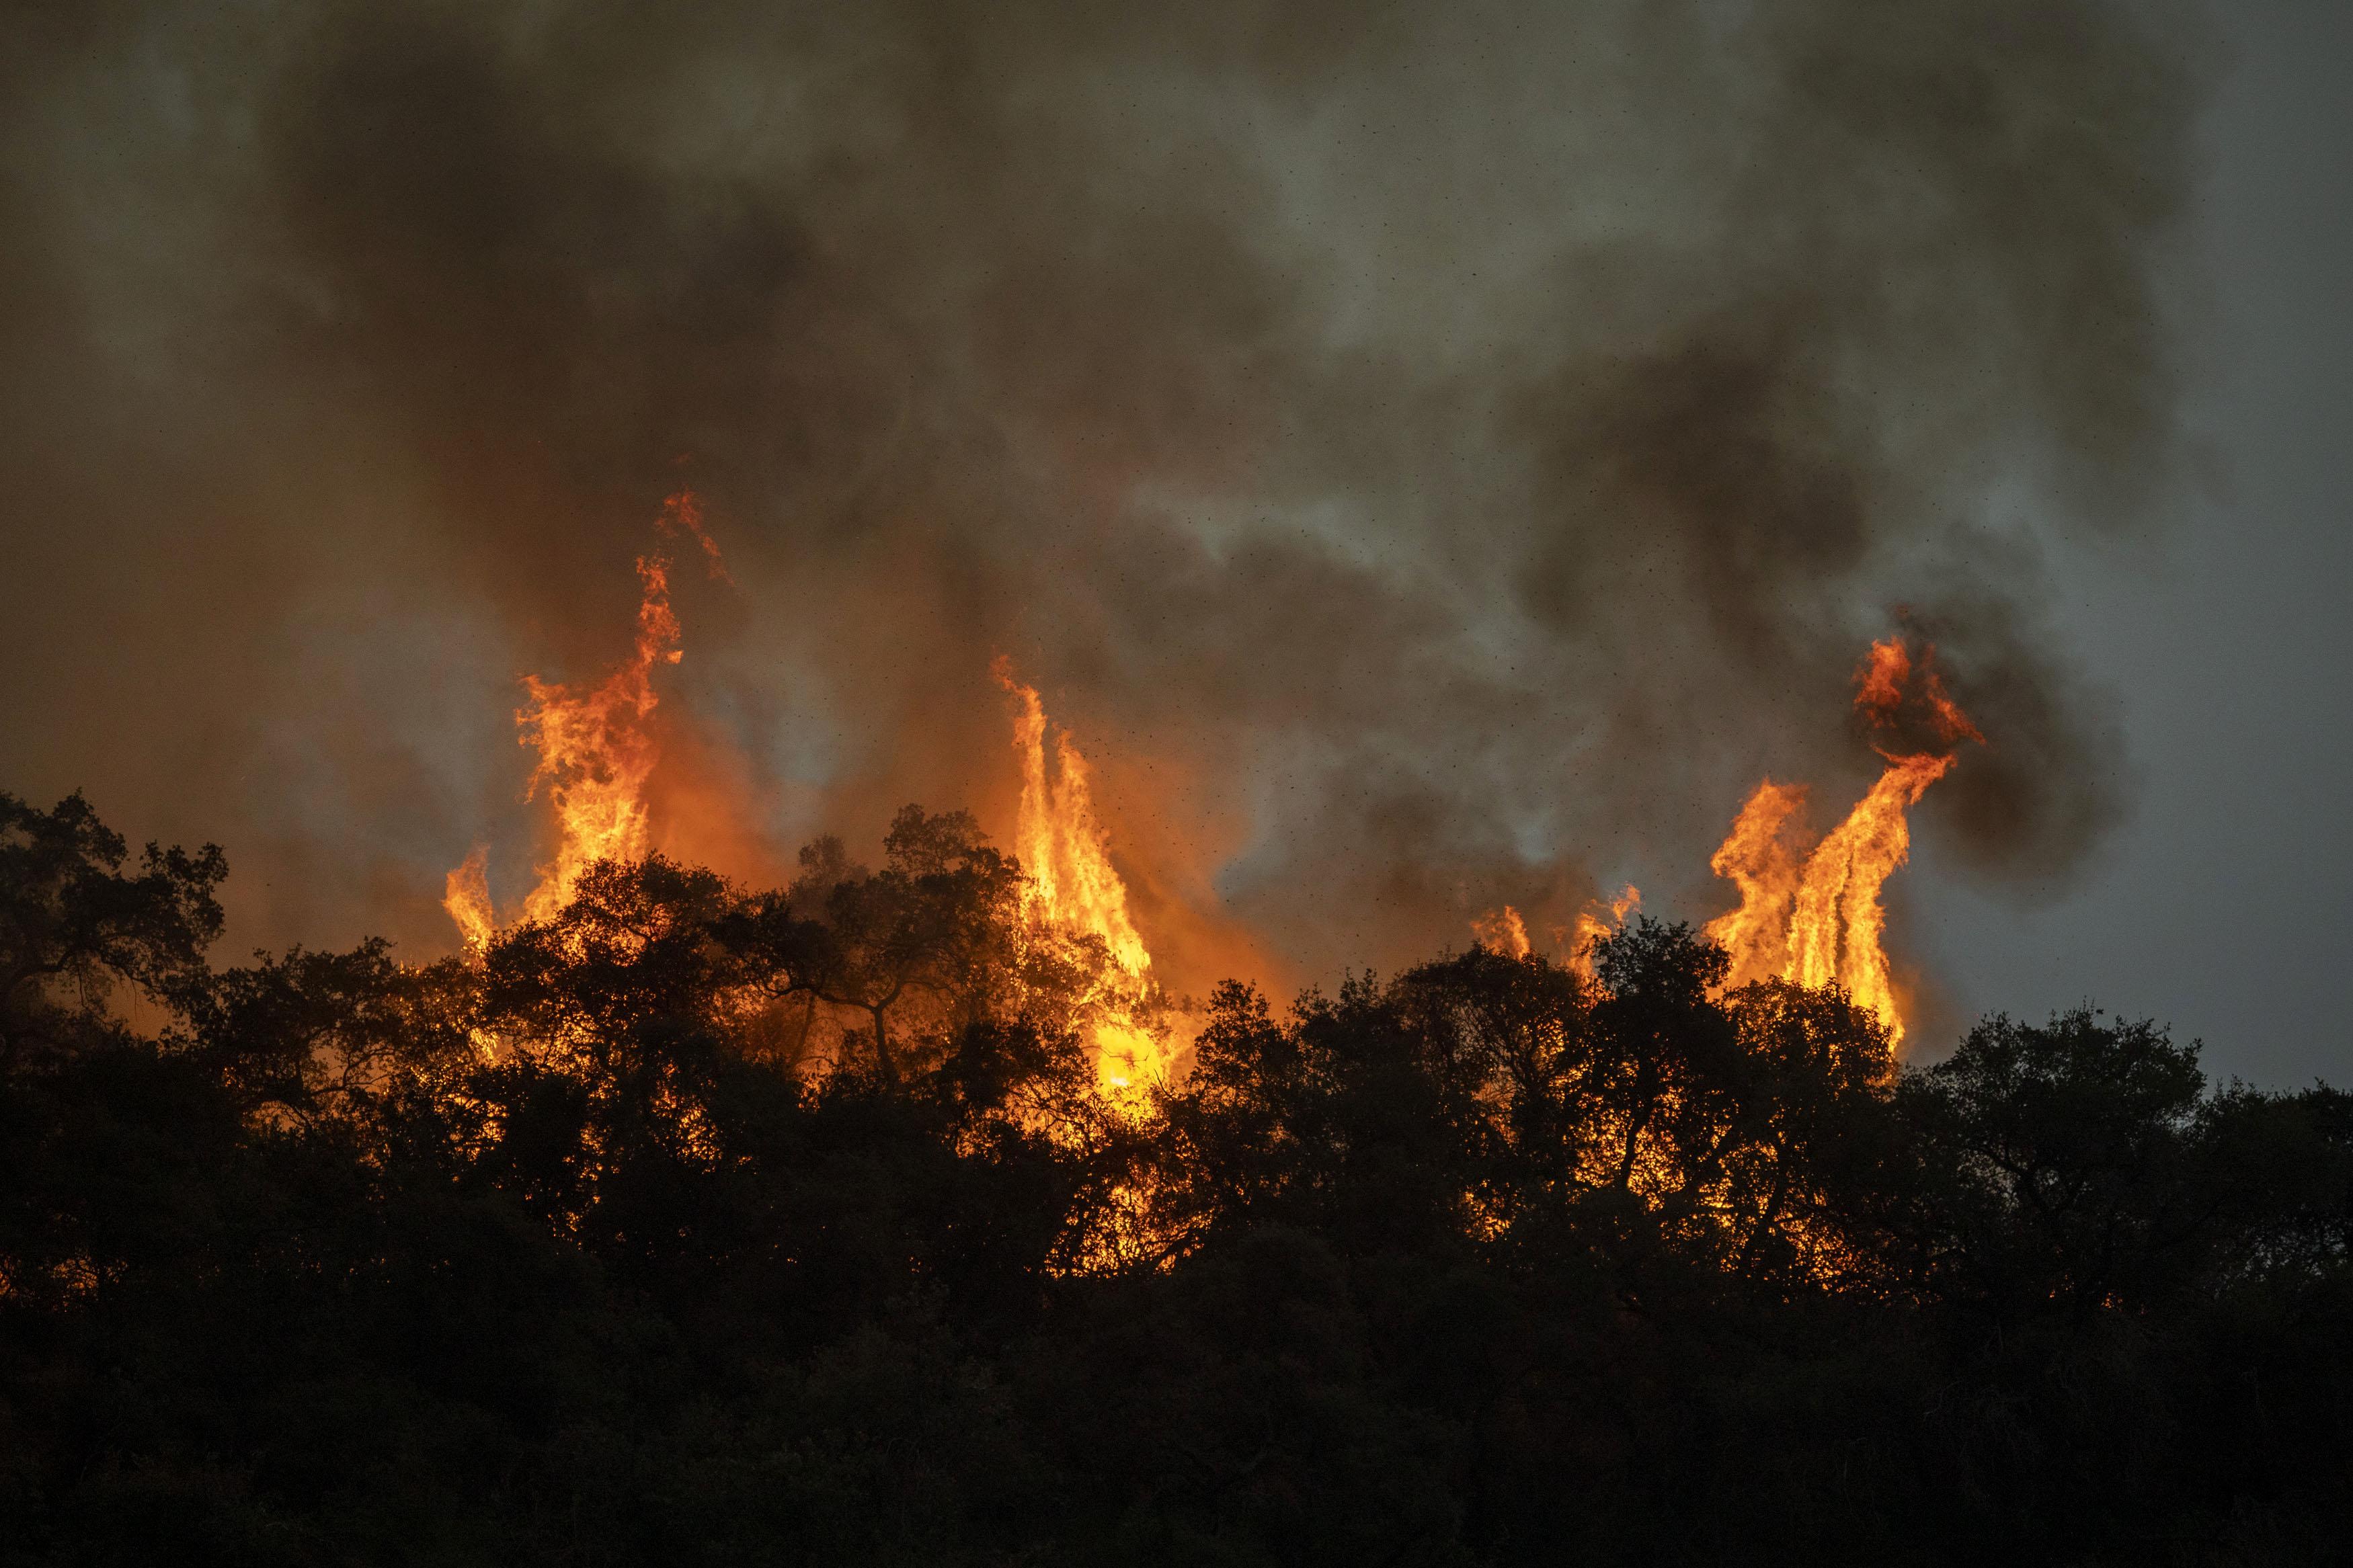 The Bobcat Fire burns near homes in Arcadia, California, on September 13.